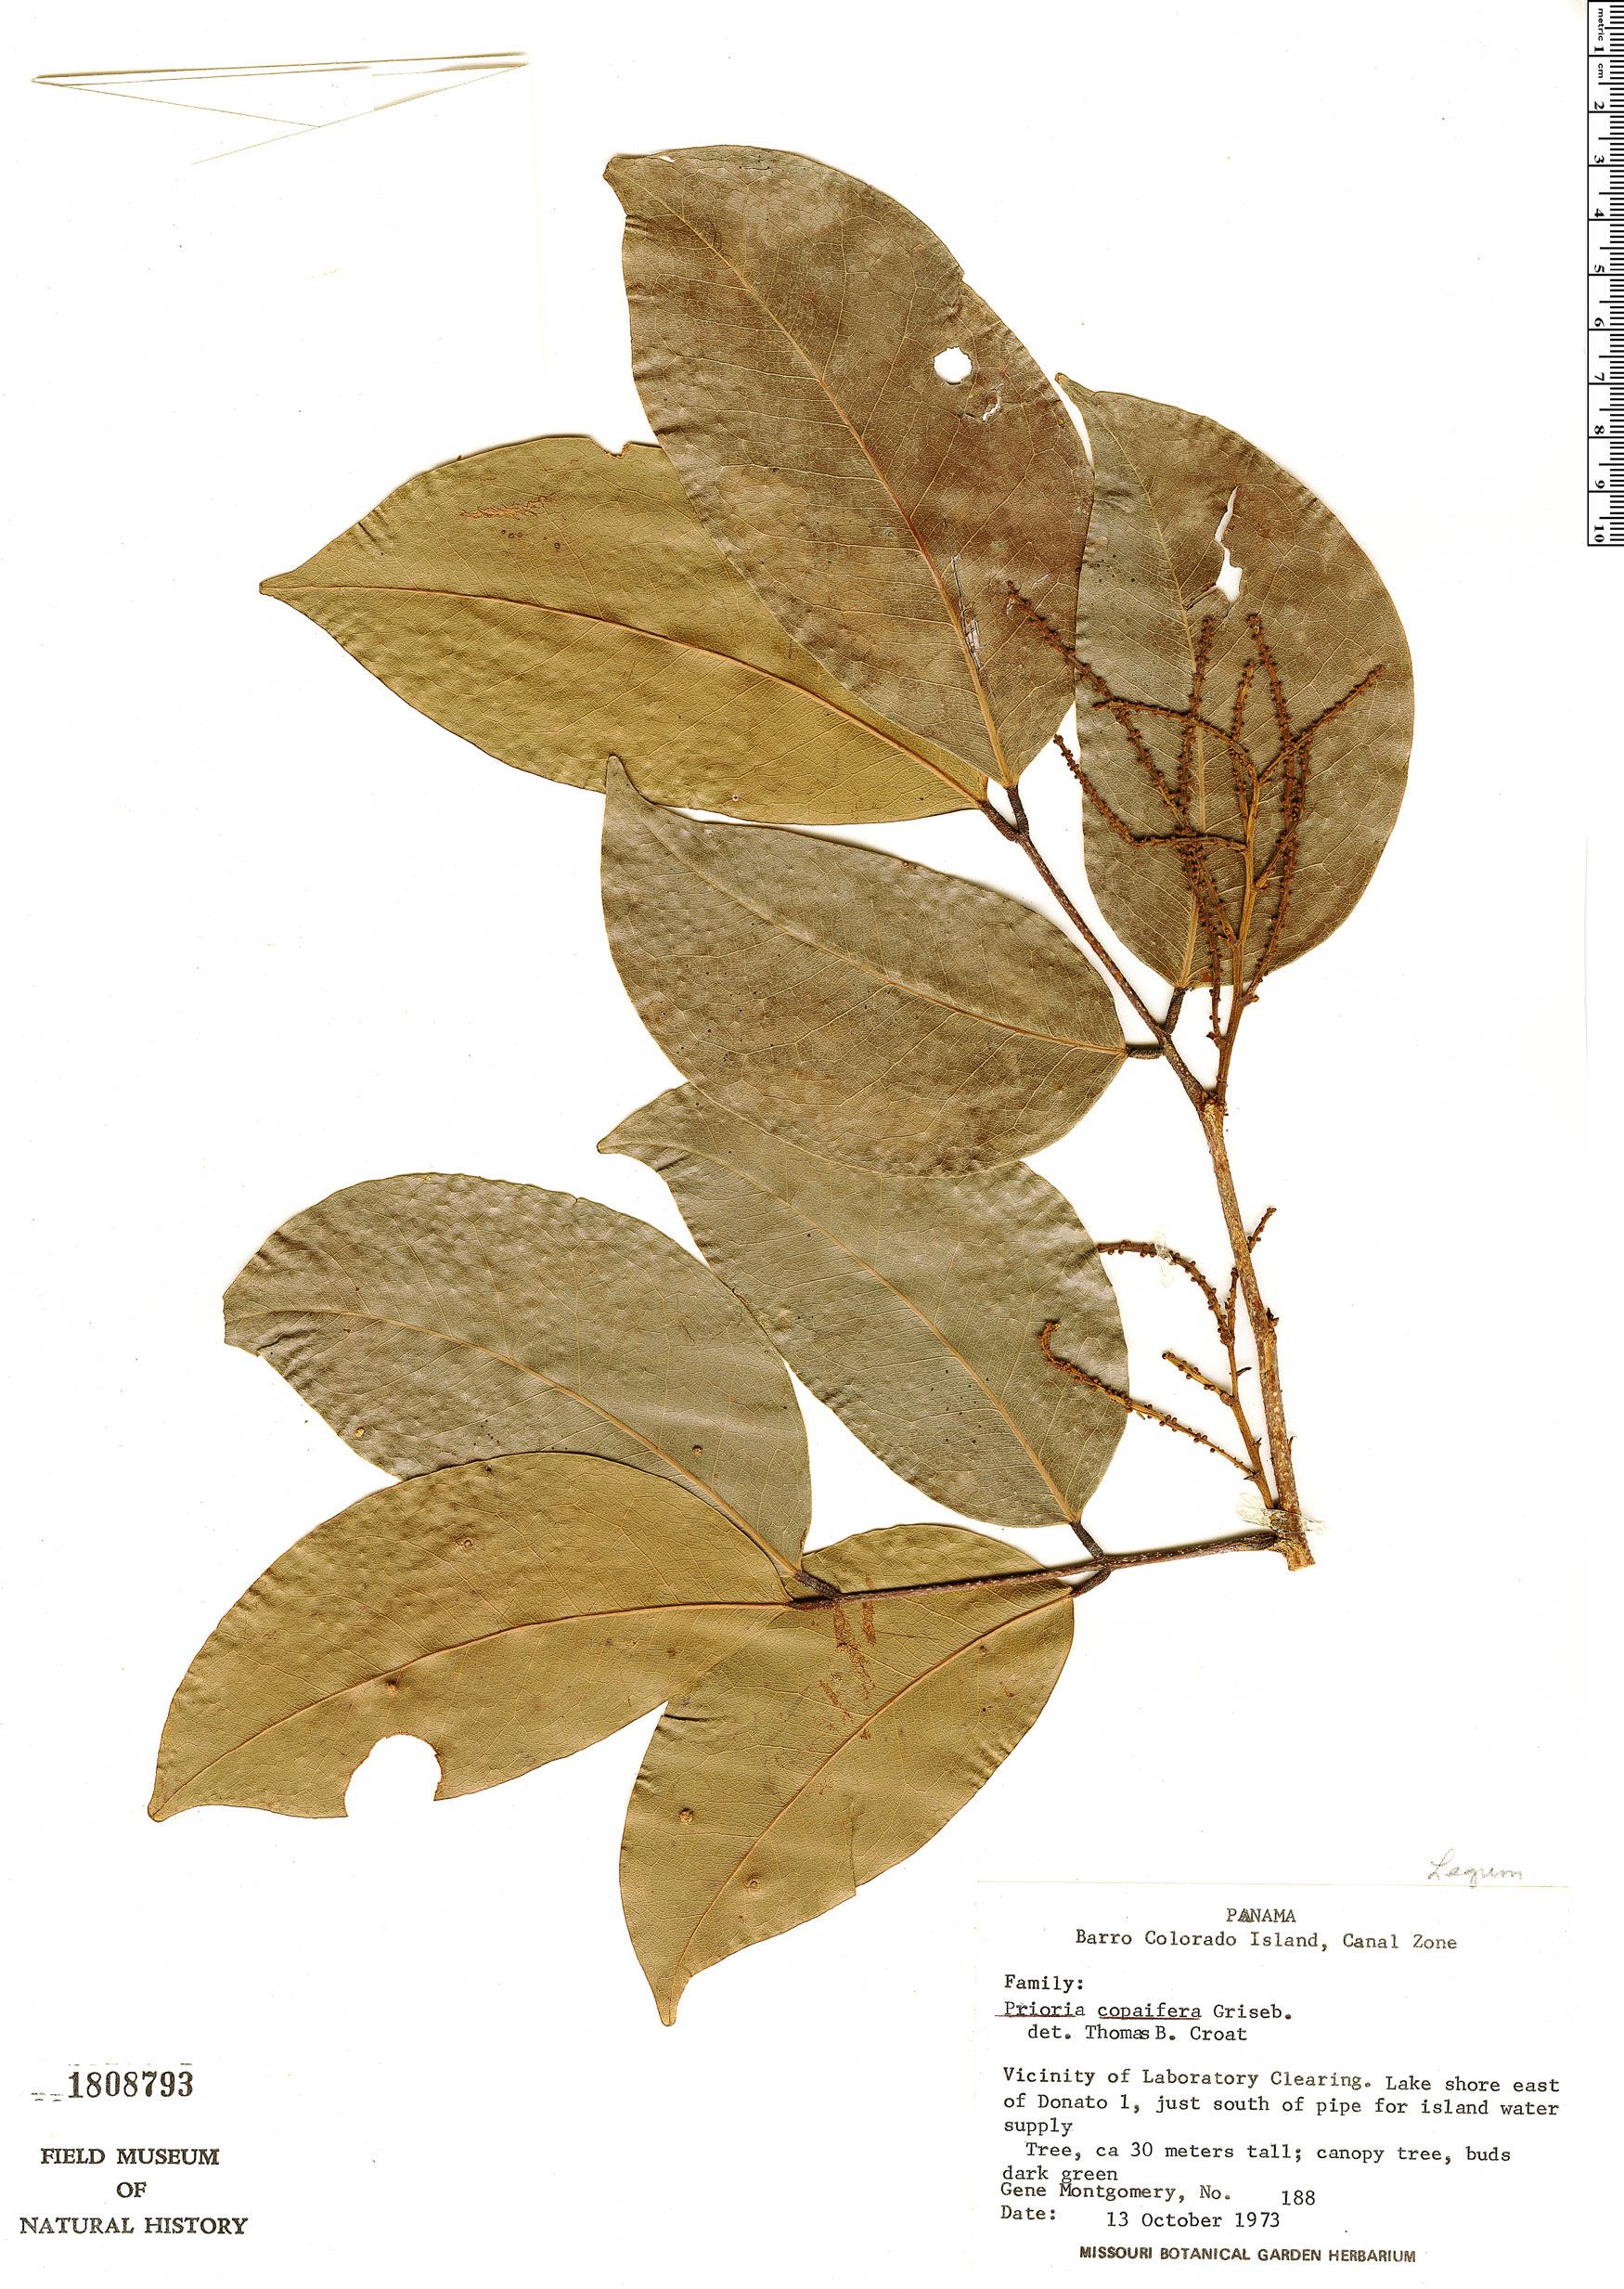 Specimen: Prioria copaifera